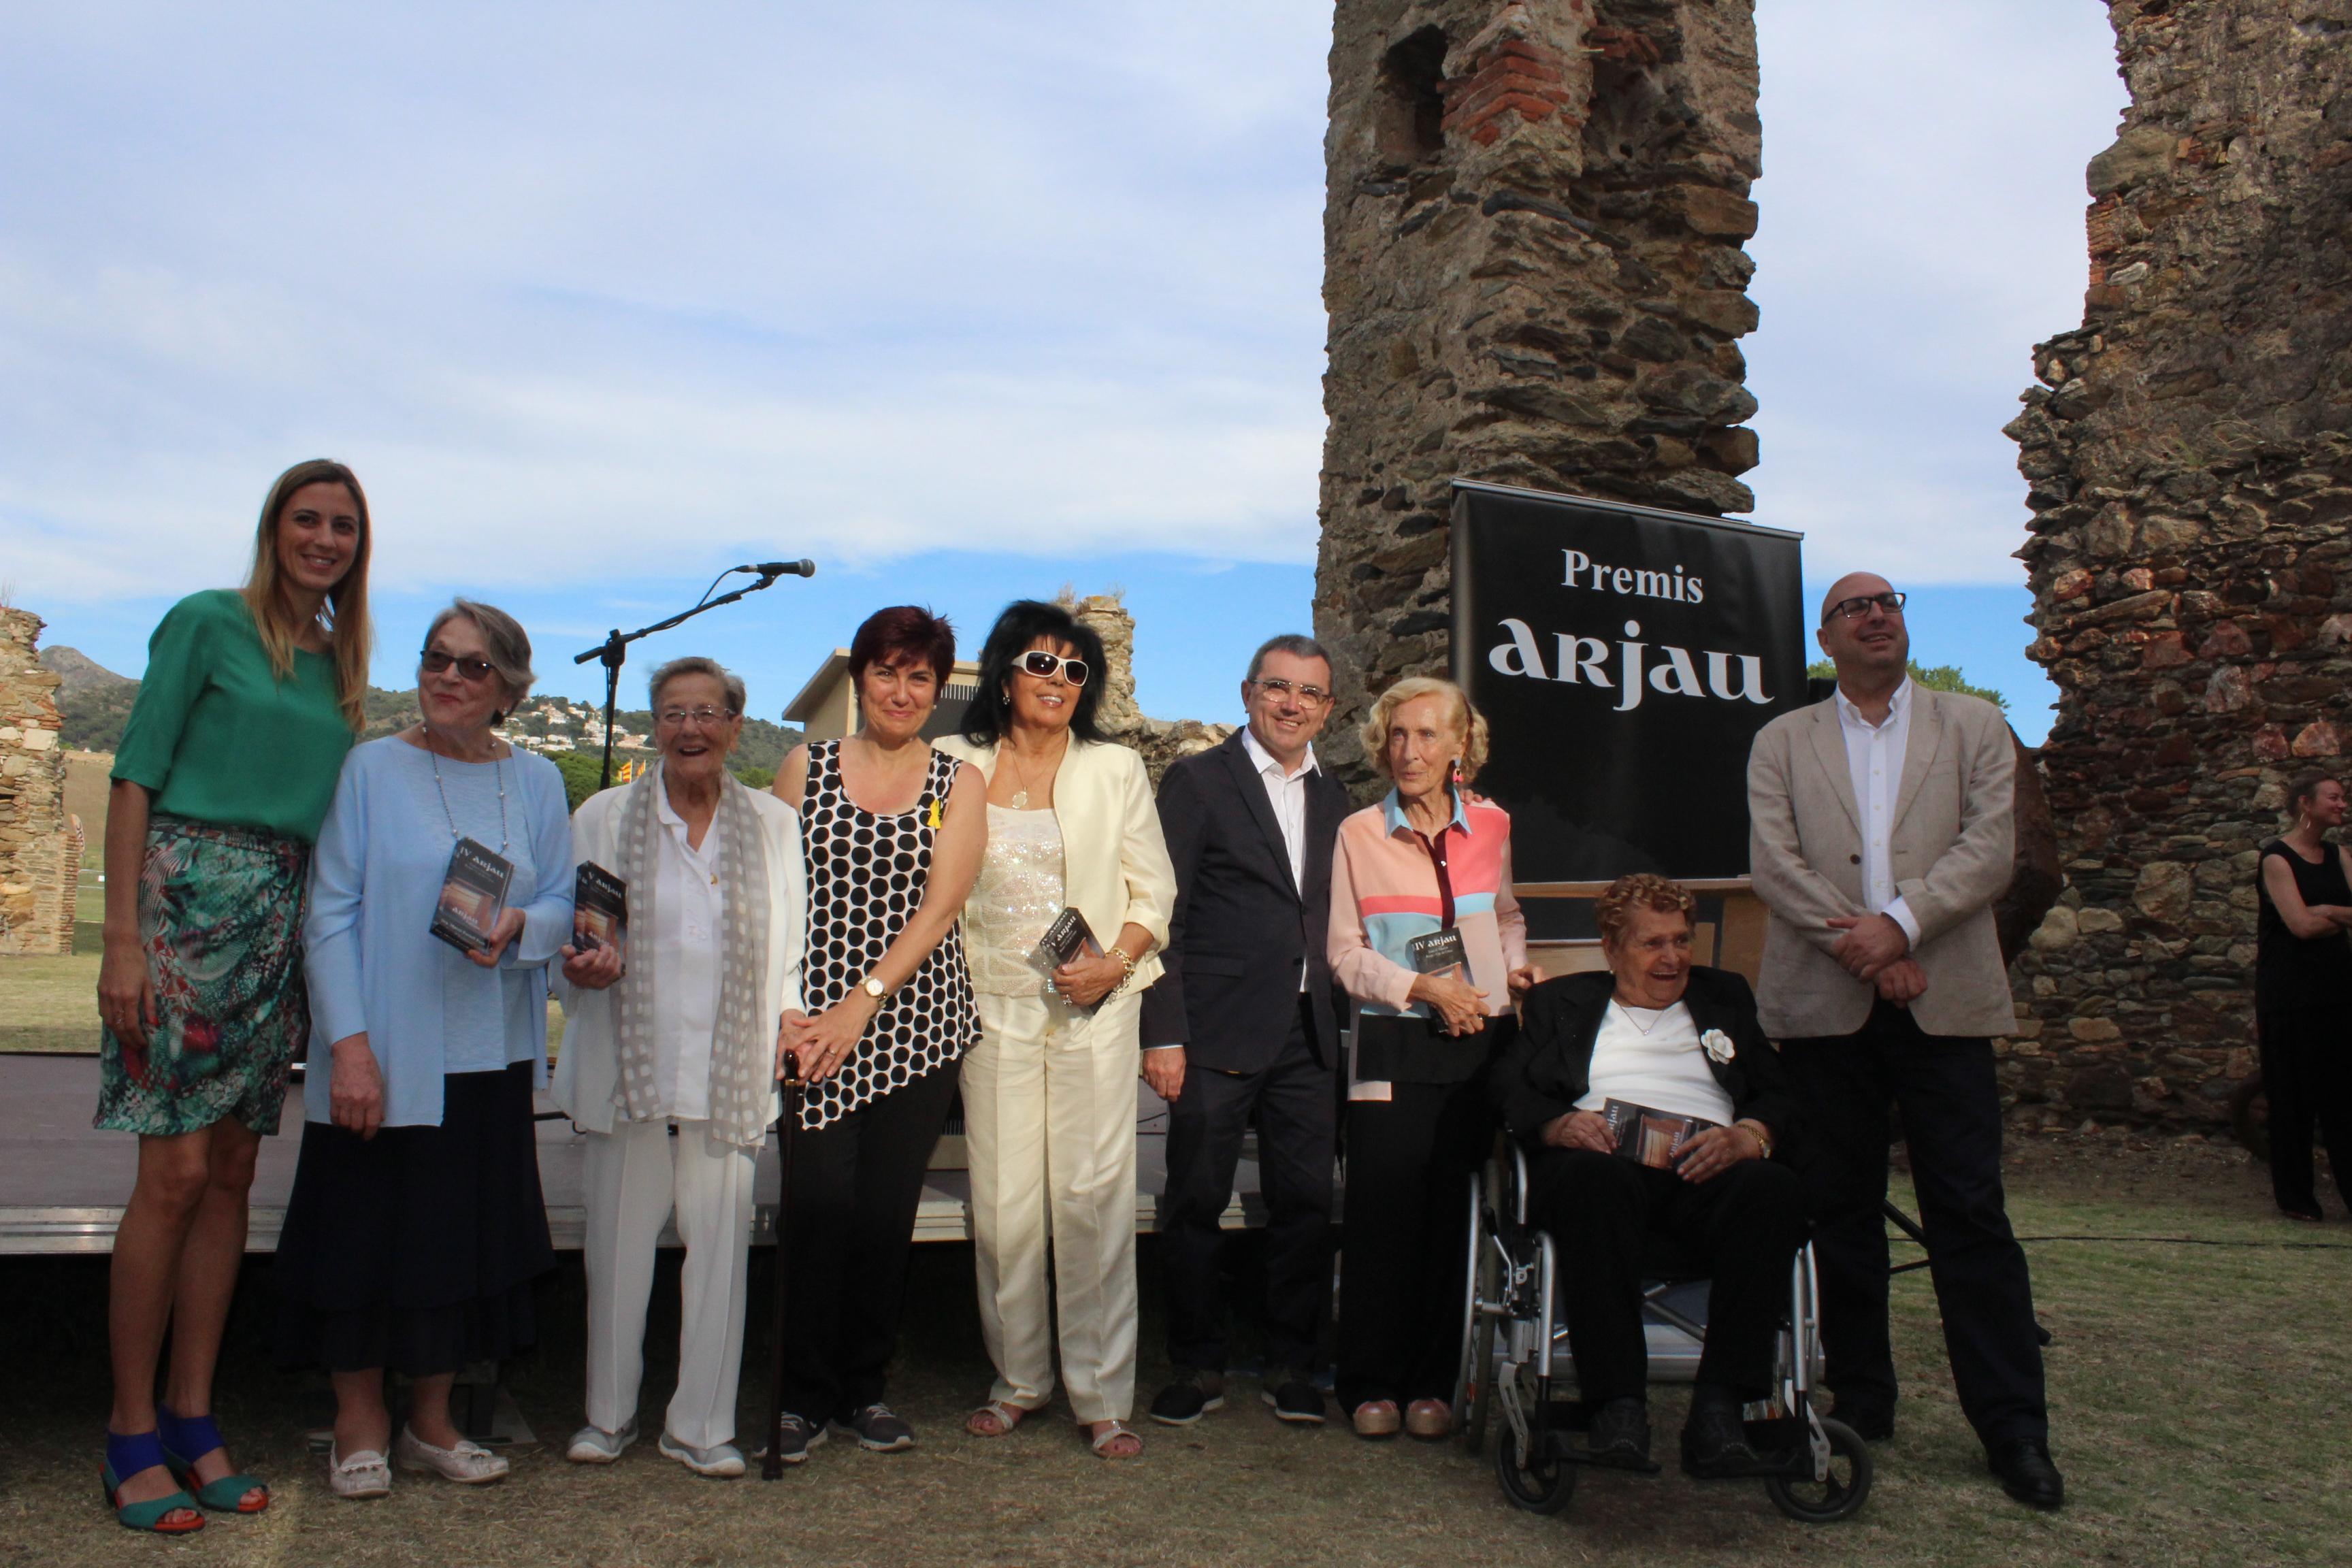 Cinc empresàries referents del turisme, el comerç i la gastronomia a Roses reben el premi Arjau